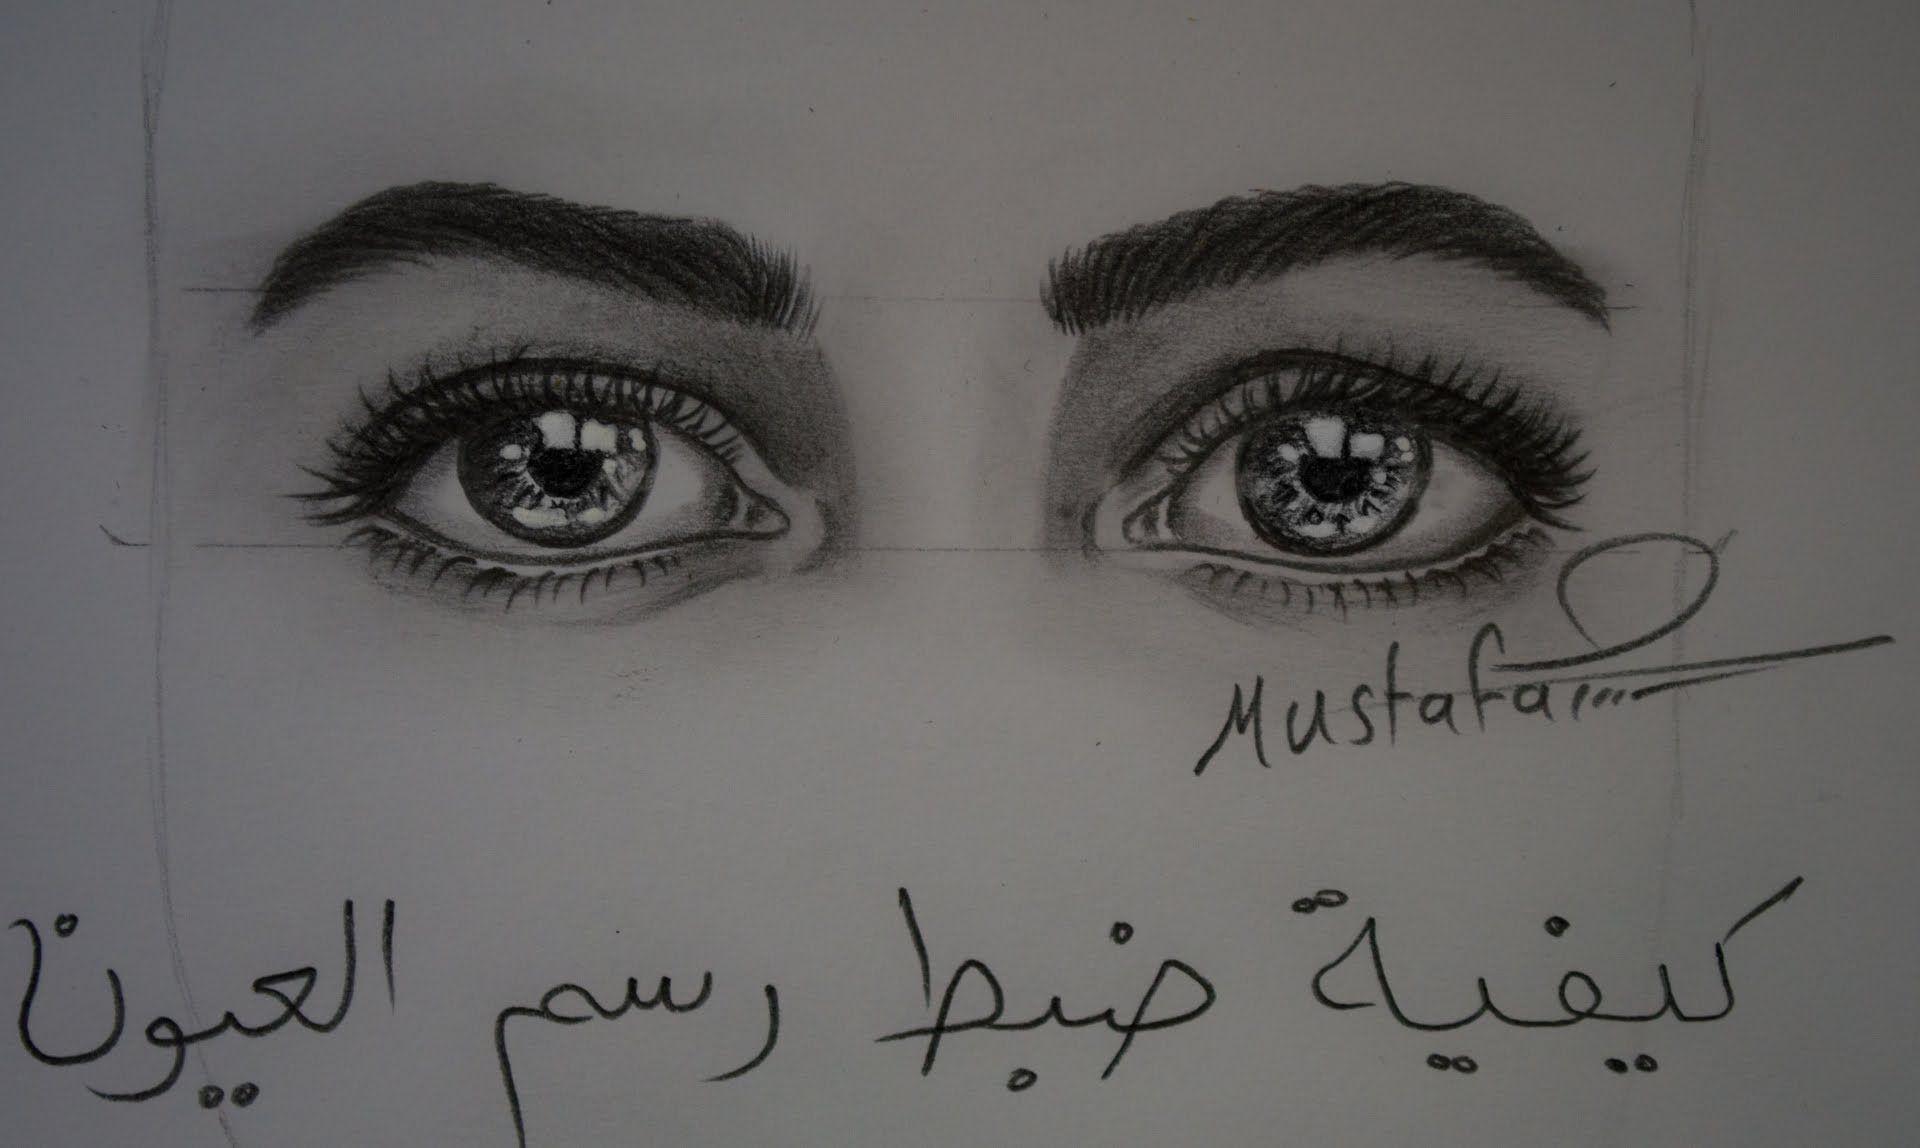 كيفية رسم العيون وضبطها بشكل متشابه بالرصاص مع الخطوات للمبتدئين Art Drawings Sketches Simple Art Drawings Simple Pencil Art Drawings